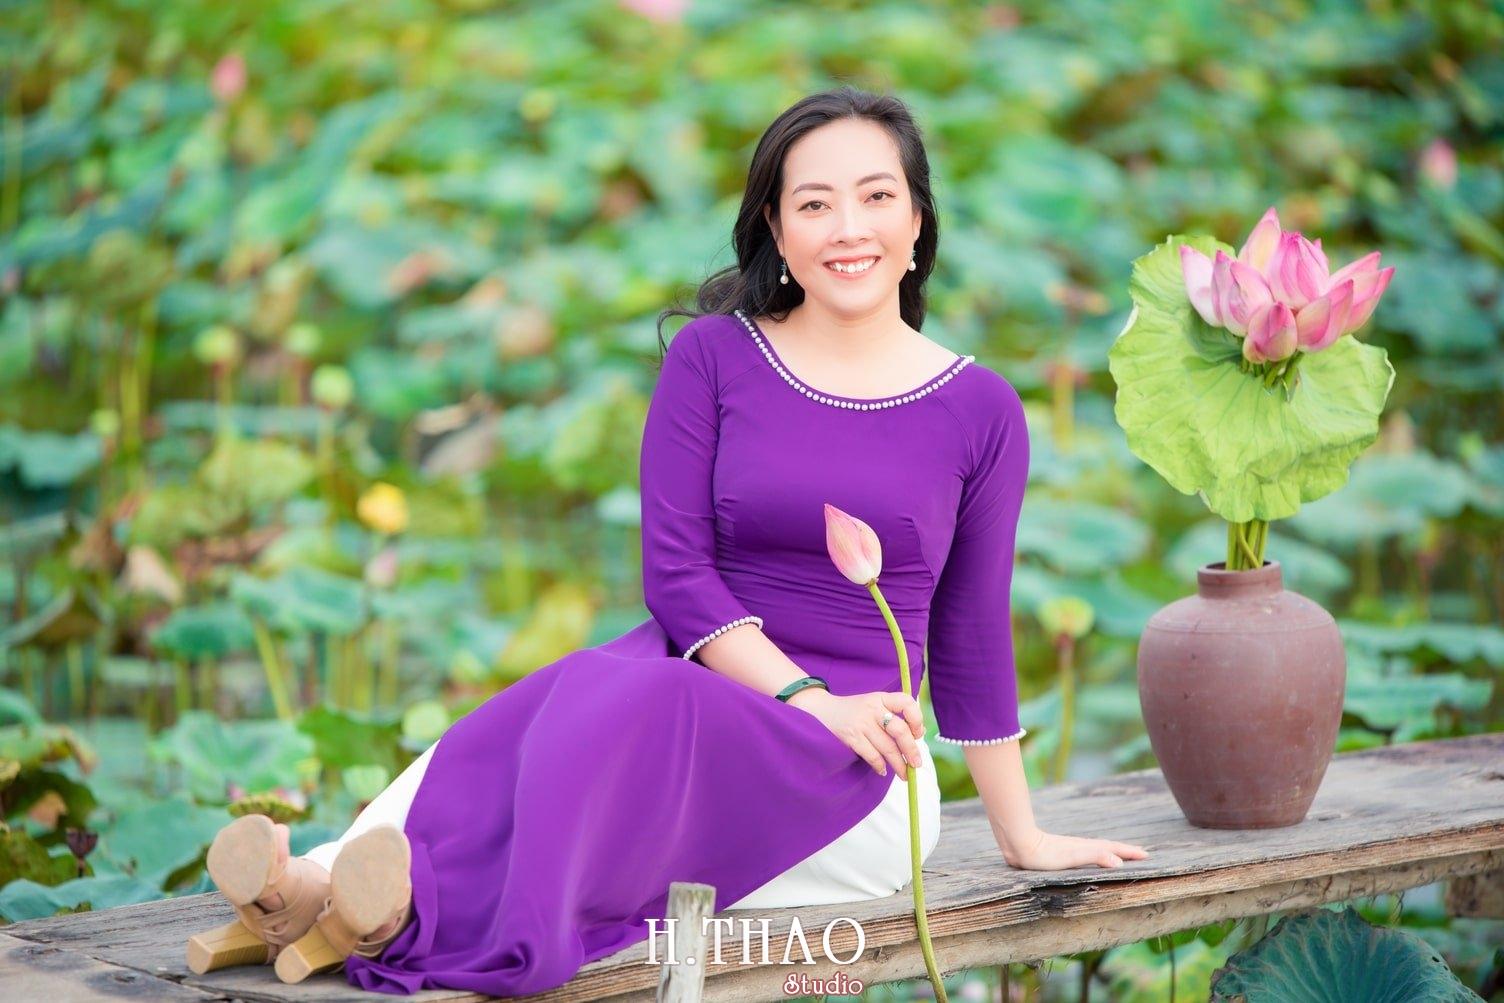 Anh Hoa sen tam da 4 - Bộ ảnh hoa sen với áo dài tím đẹp dễ thương - HThao Studio